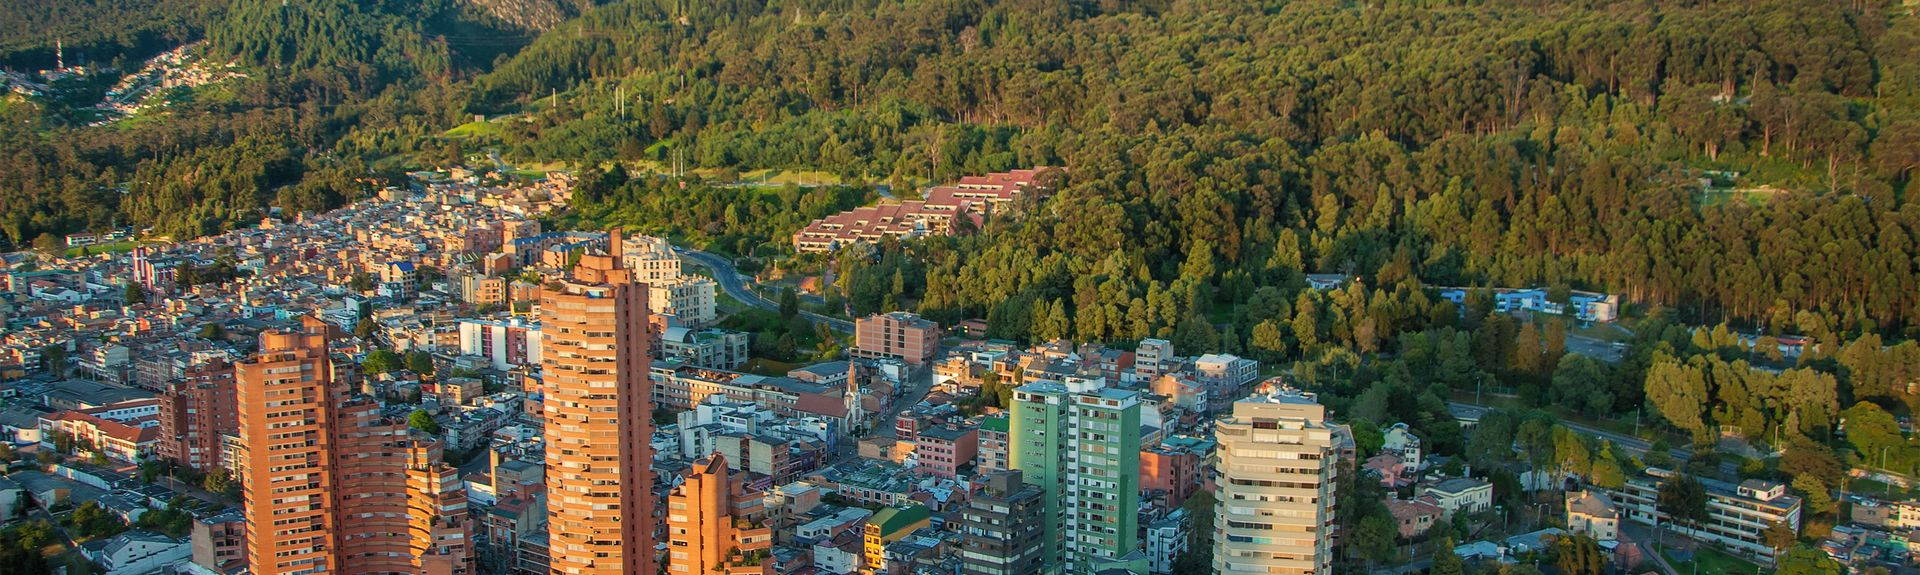 Bogotá, Bogotá, Colombia